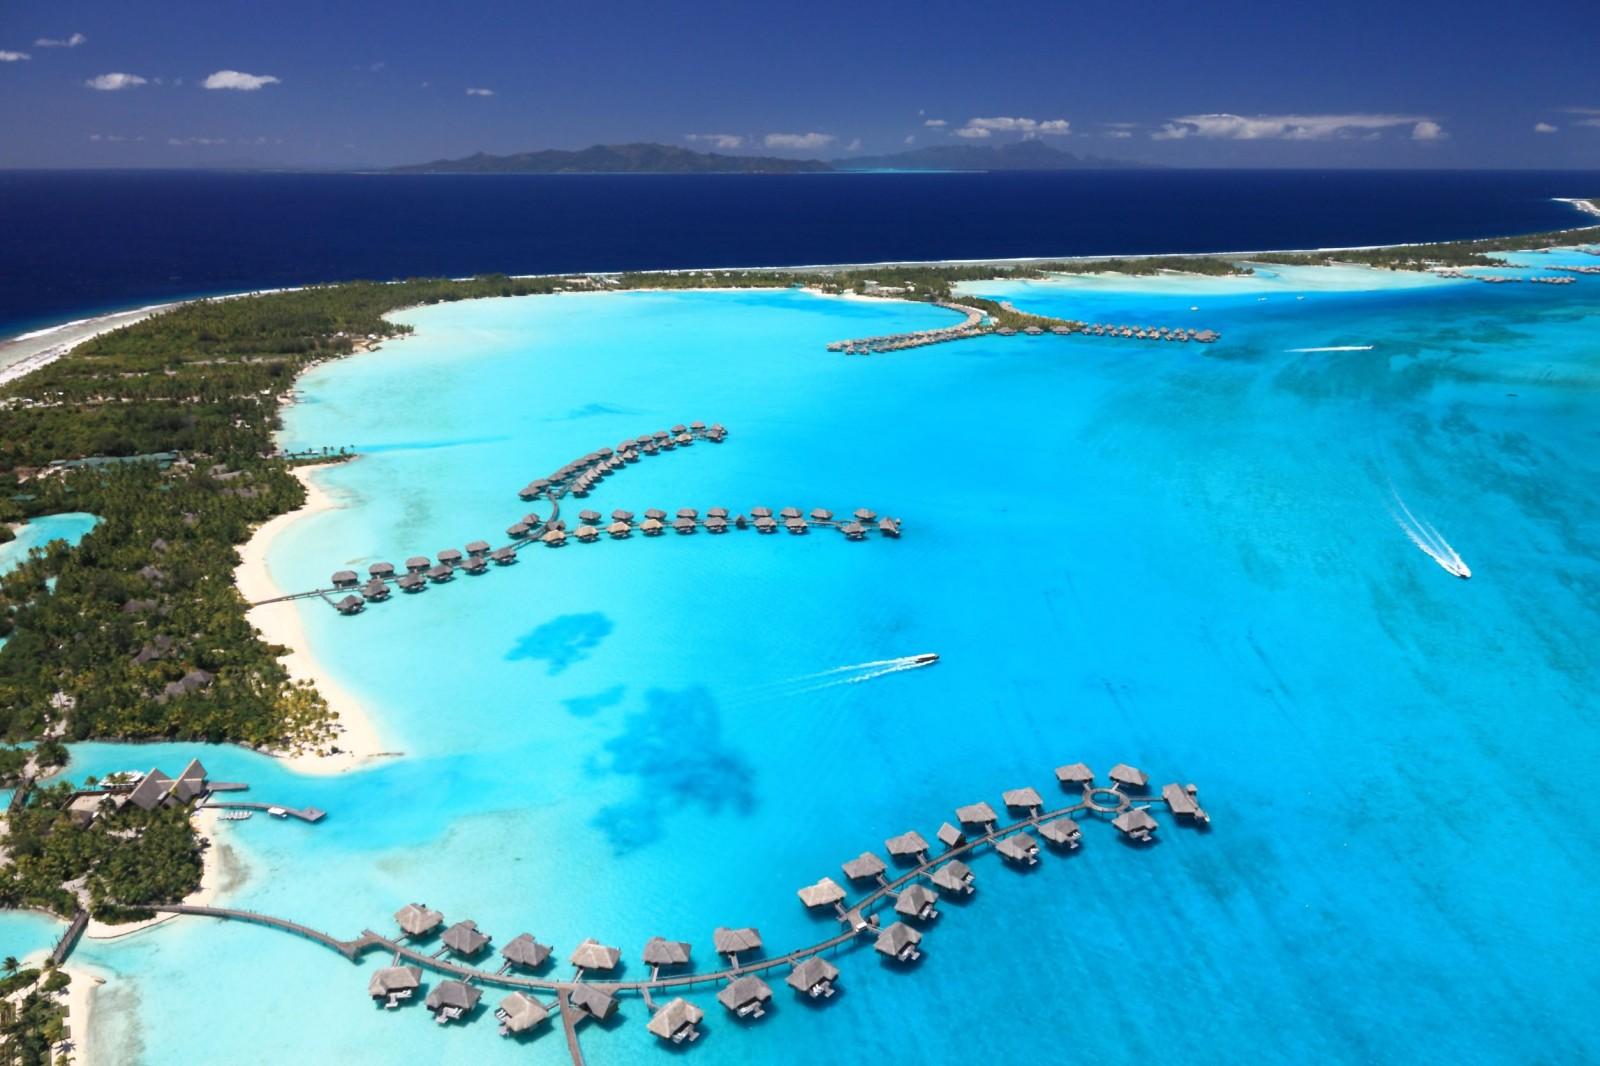 bora-bora-lagoon-french-polynesia-from-above